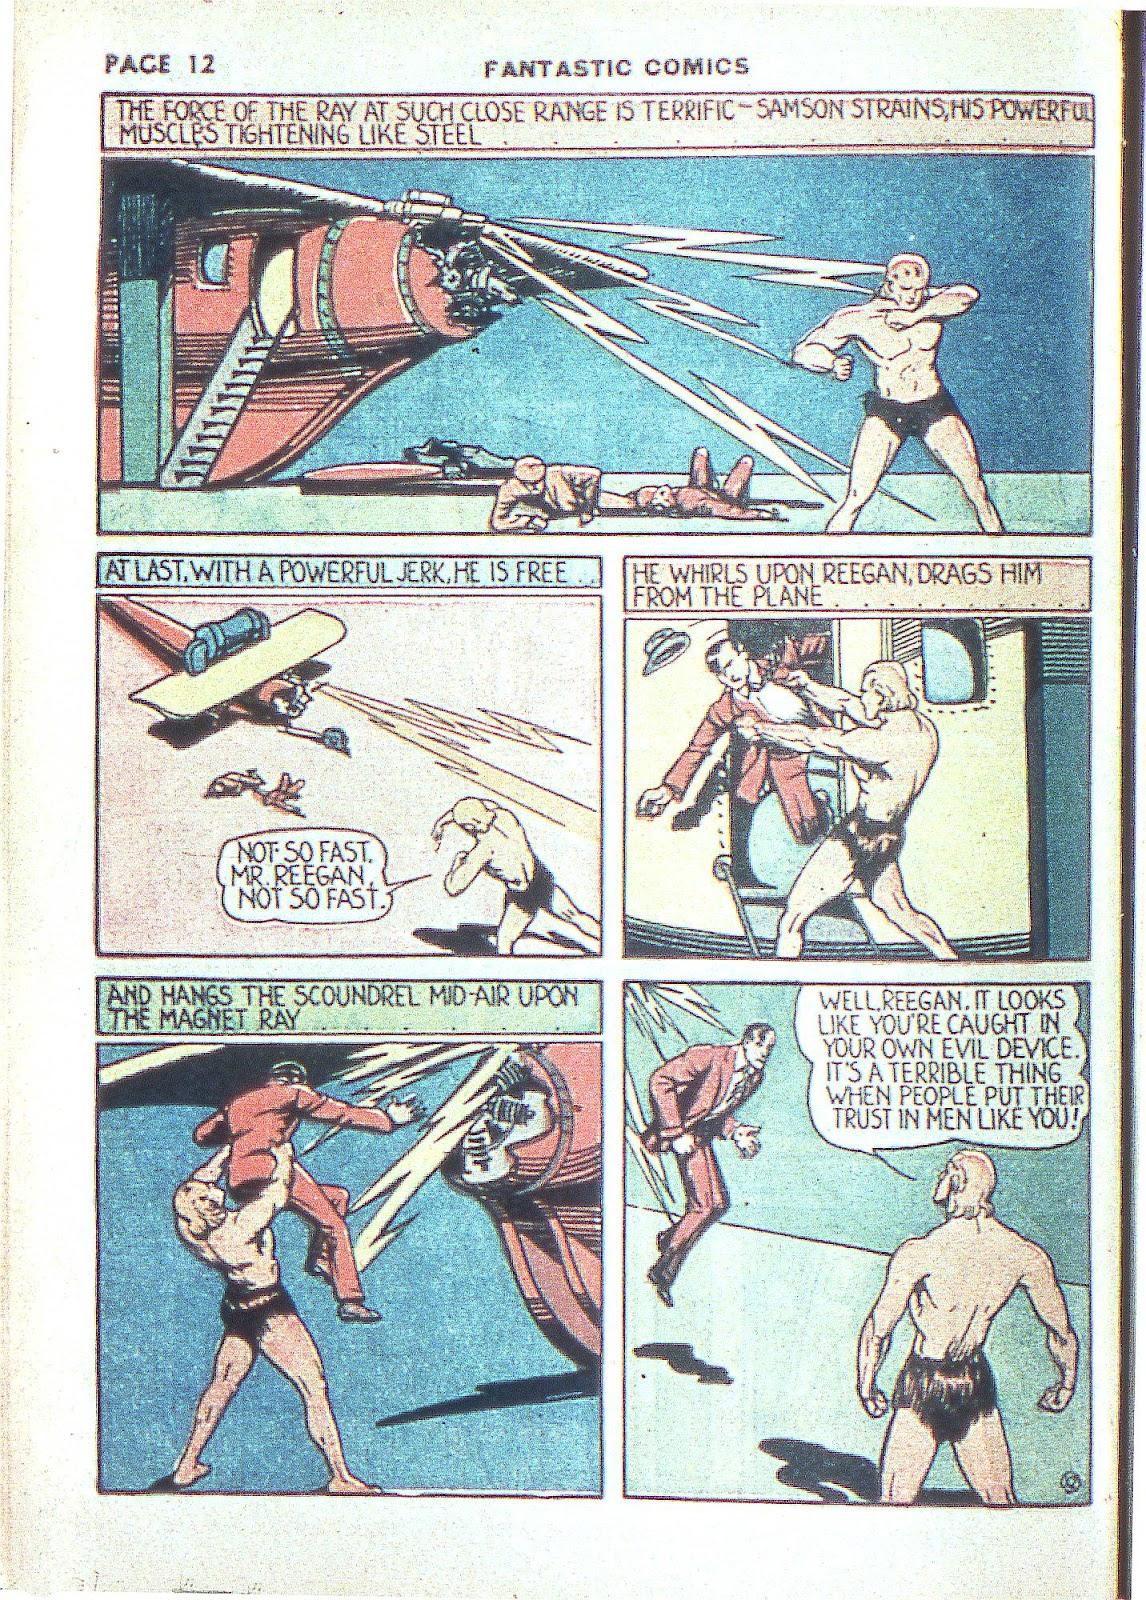 Read online Fantastic Comics comic -  Issue #3 - 15